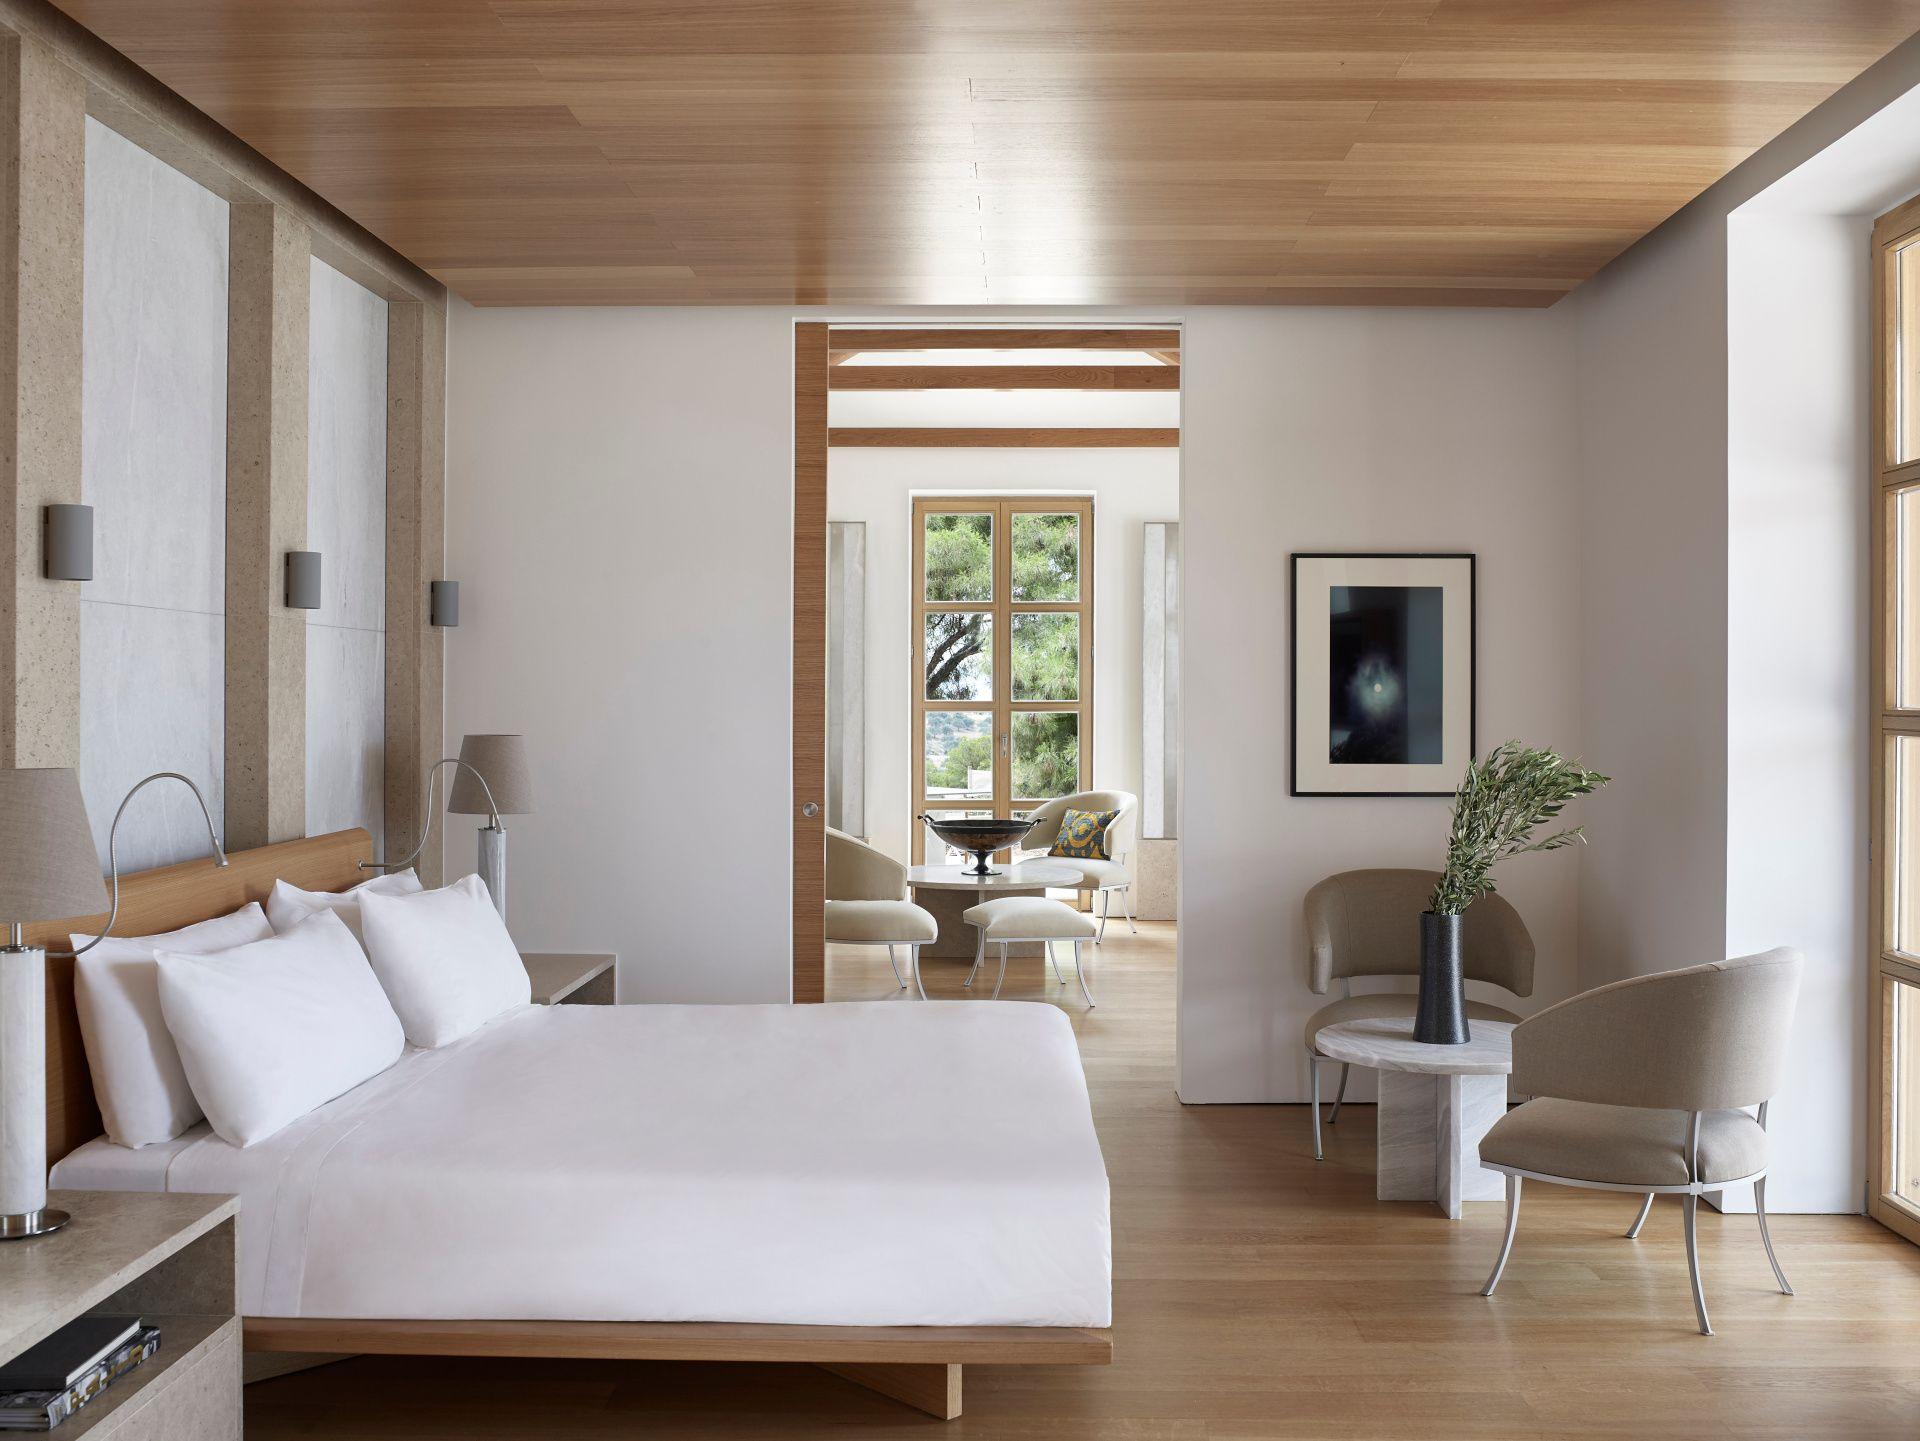 安縵卓熠(Amanzoe)別墅推出全新六座雙卧室別墅,以及設有 4 至 6 間卧室的 17 座別墅和 4 座沙灘別墅,現已全部公開發售。